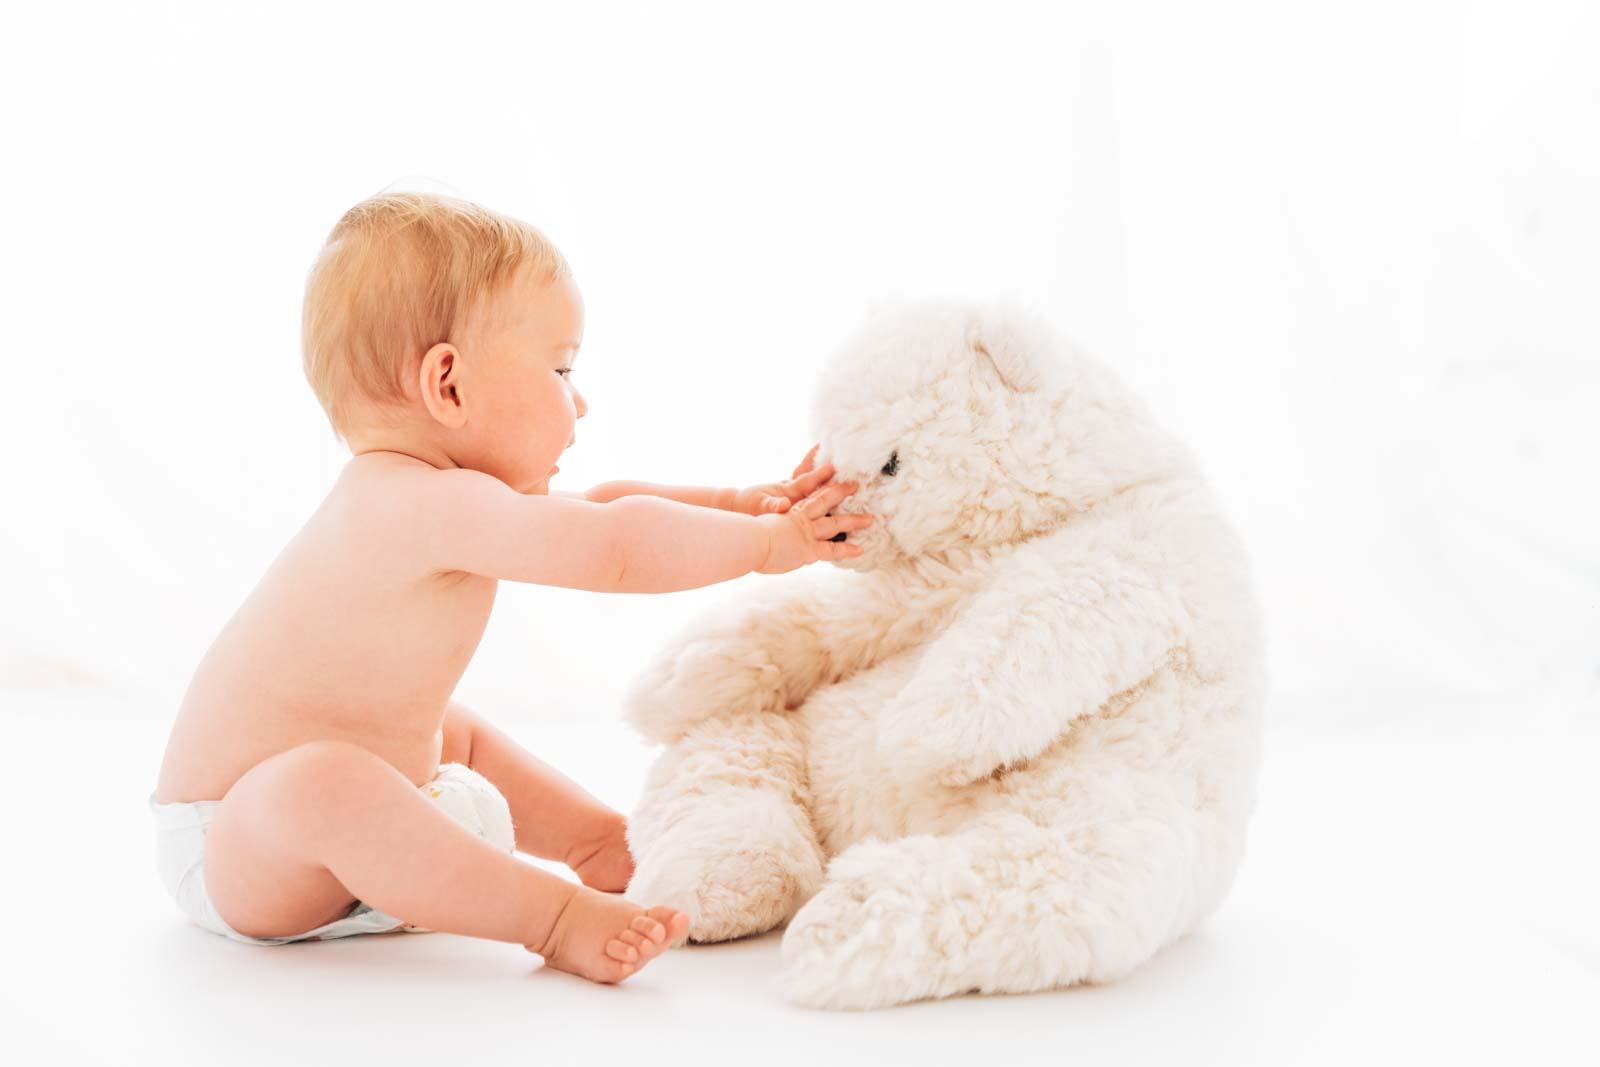 Babyfotograf München: natürliche Babyfotos mit Eisbär